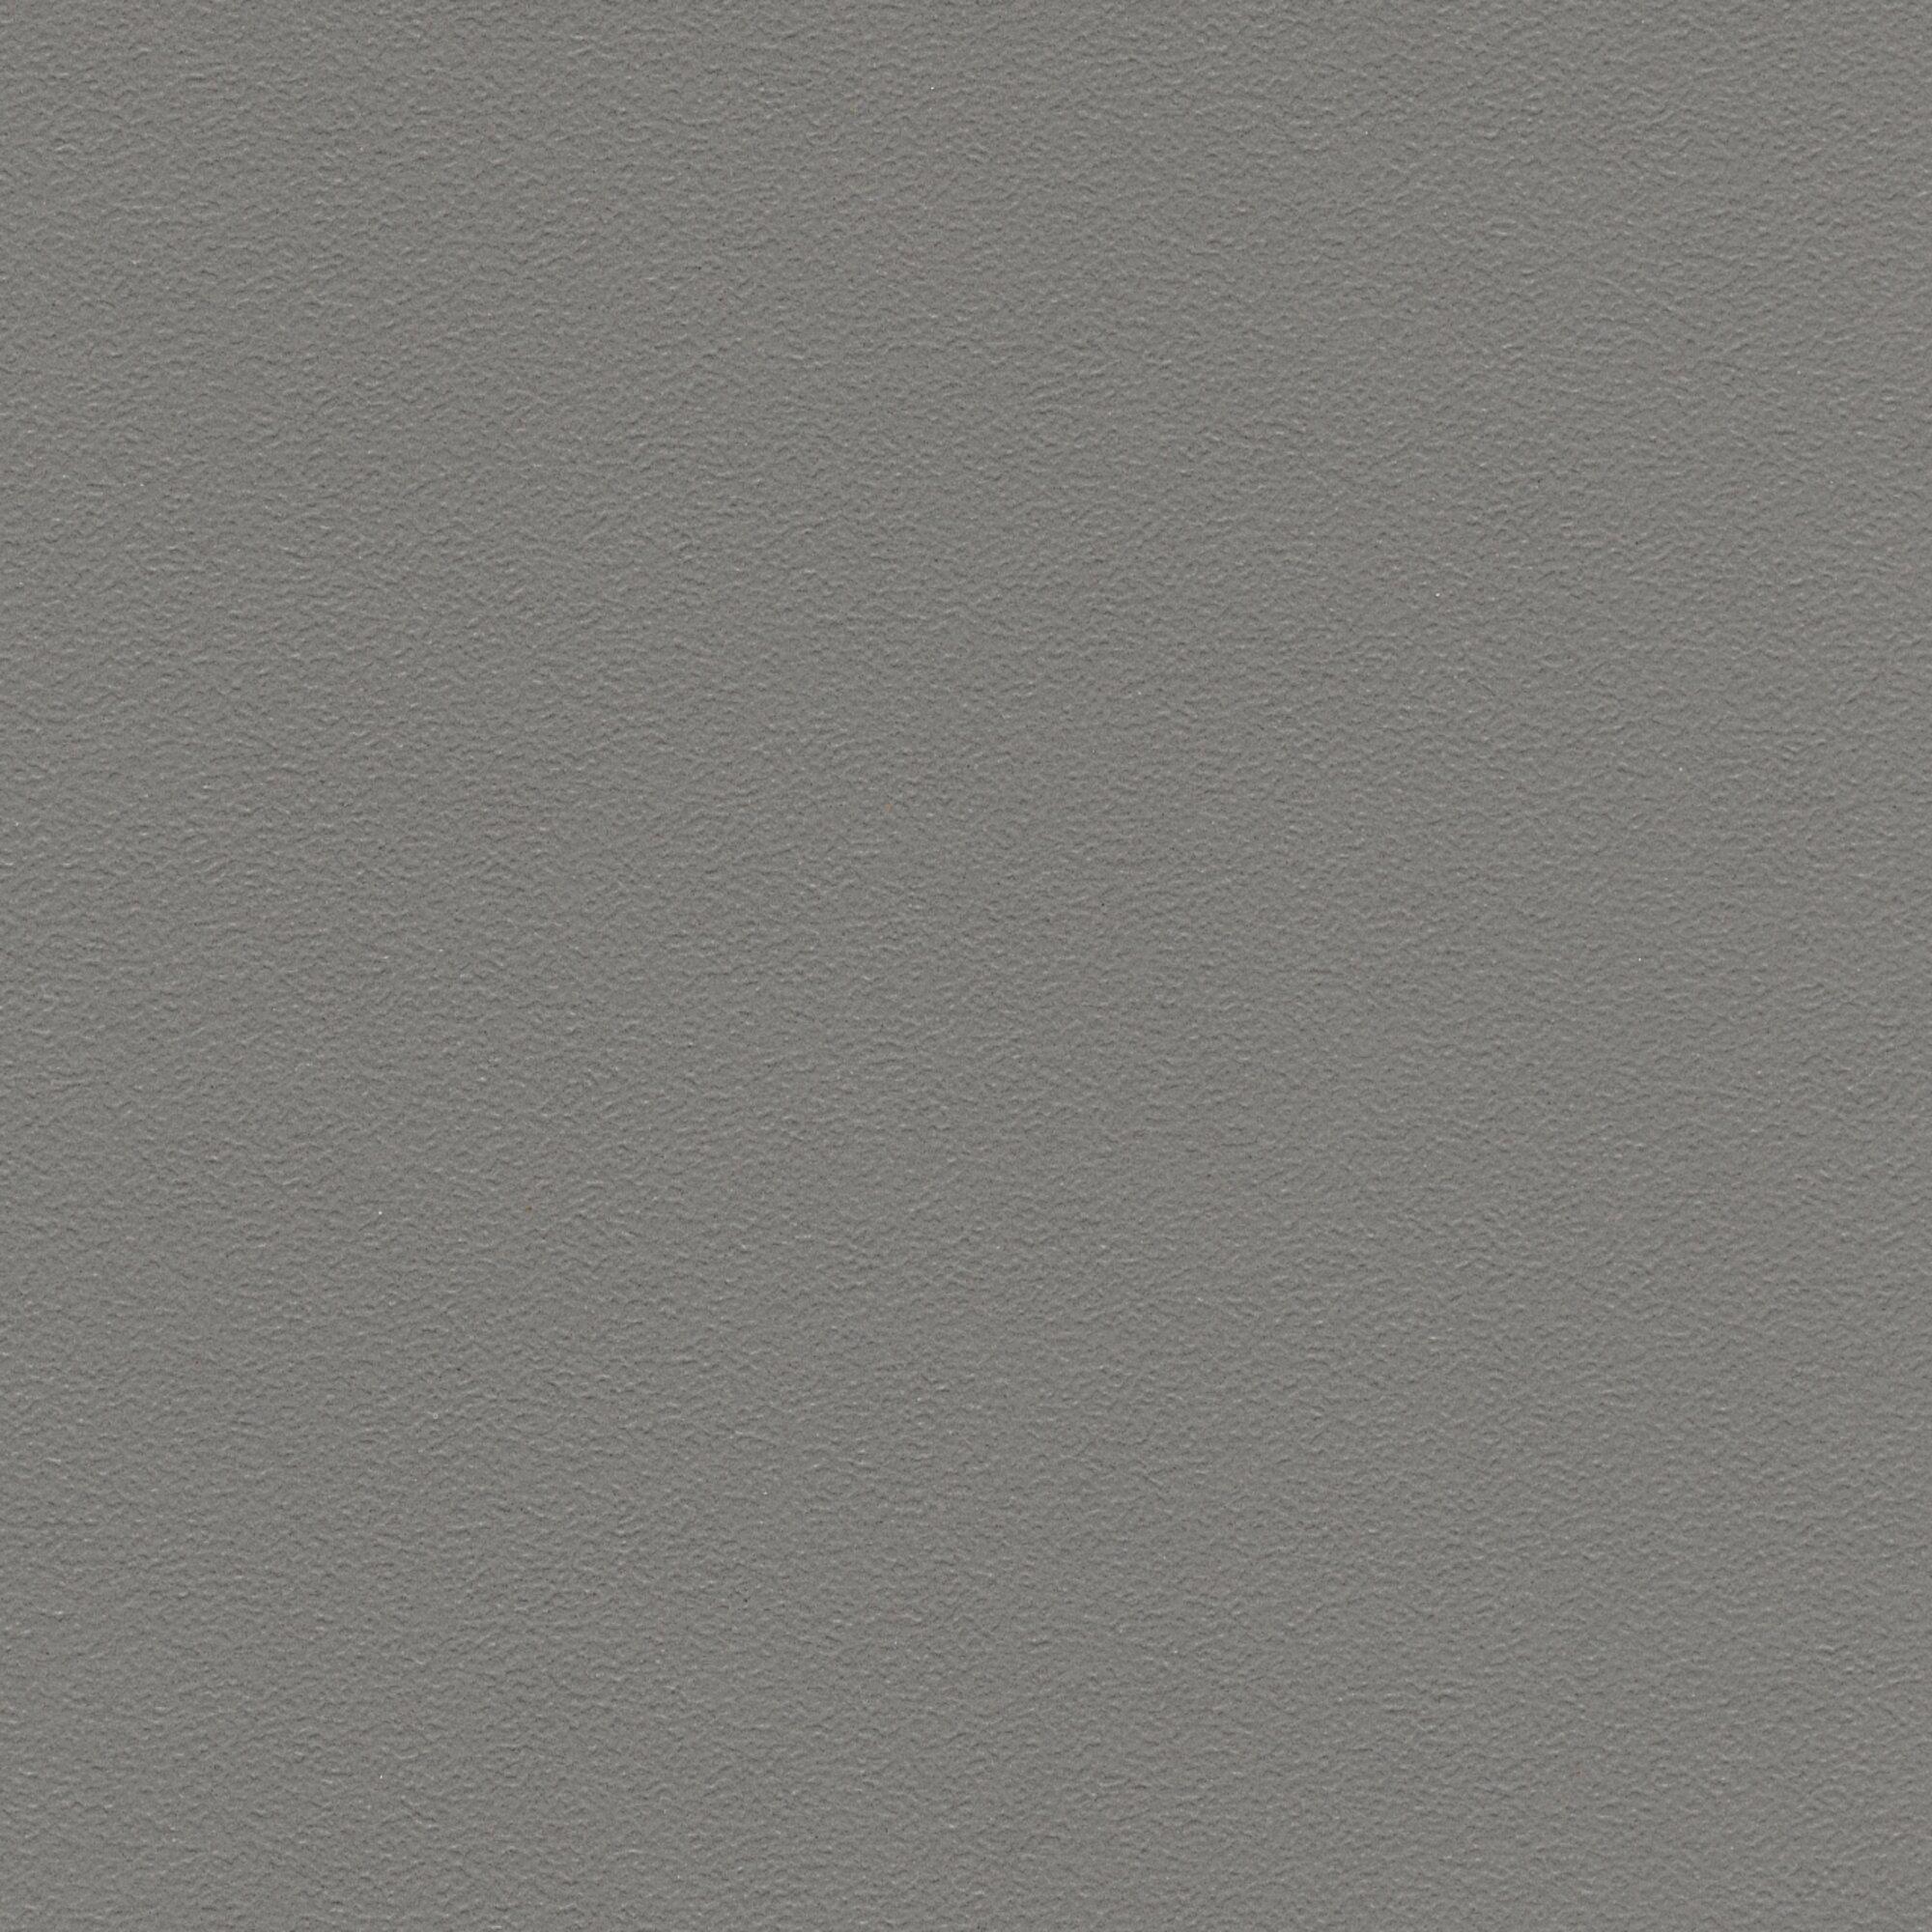 U171 VL Dark Grey